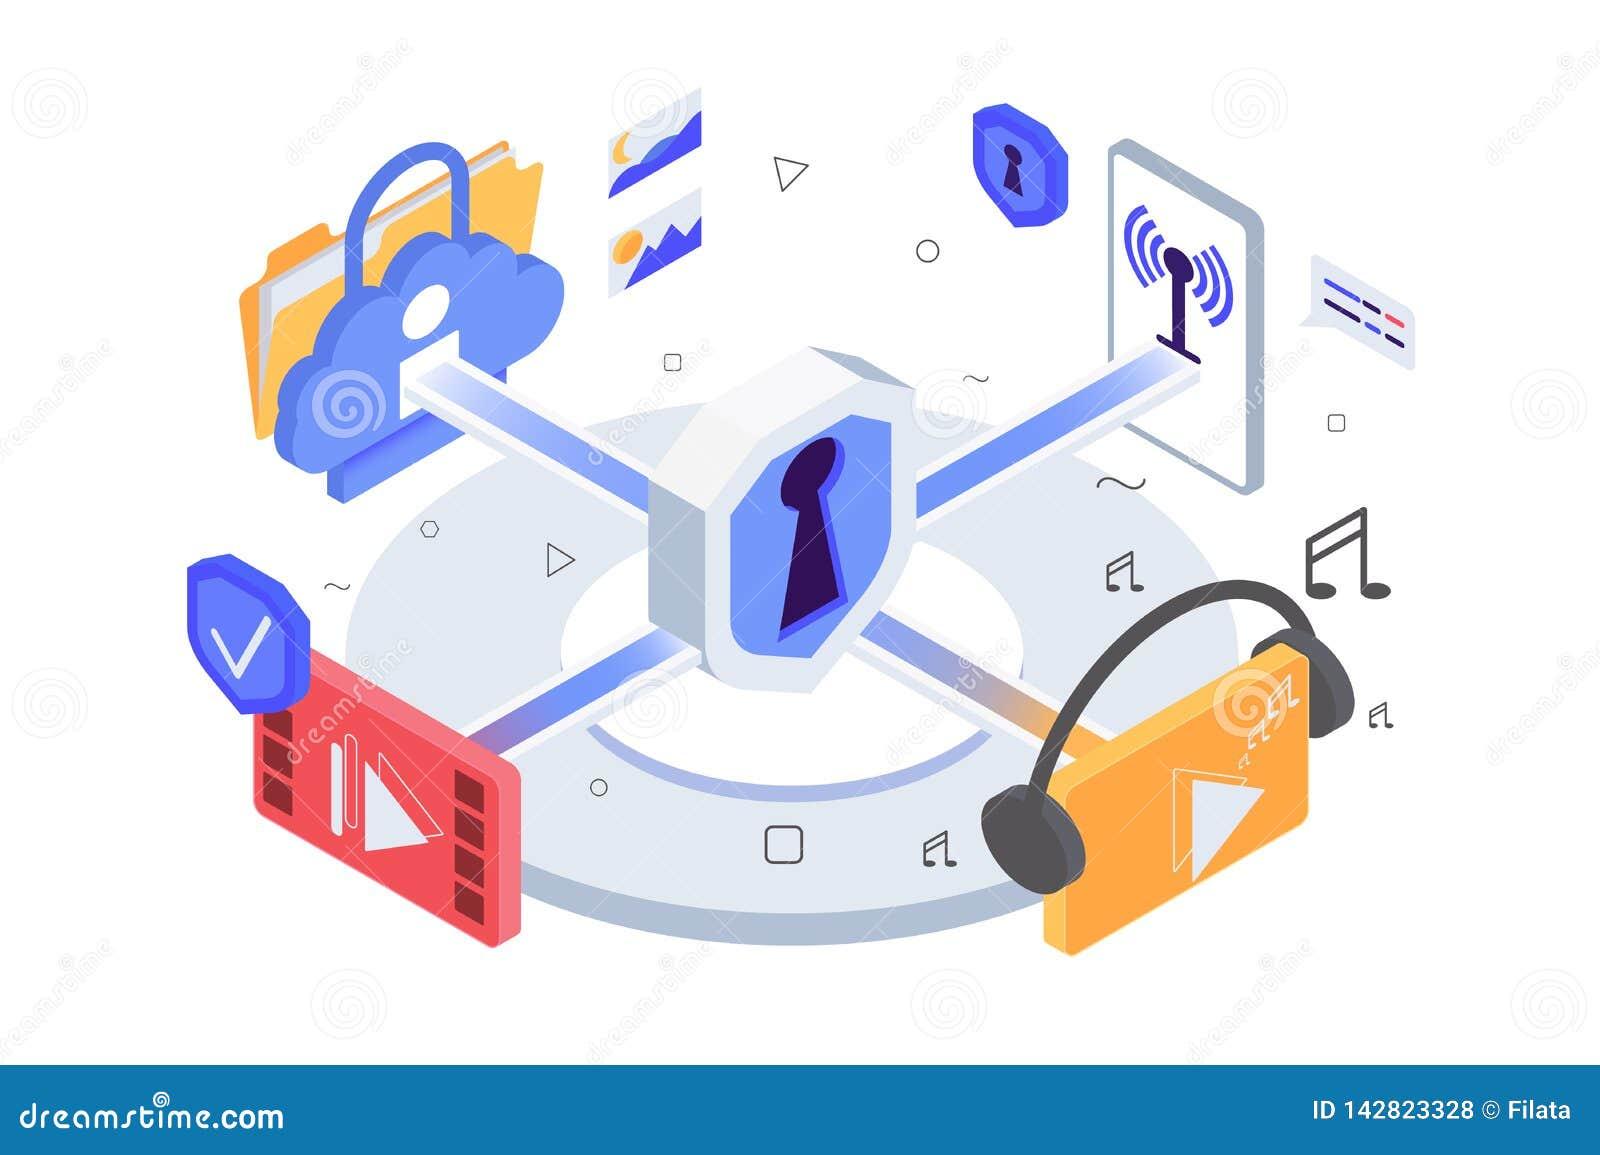 Равновеликие значки приложения 3d, музыка, видео, беспроводная сеть, персональная информация с защитой данных